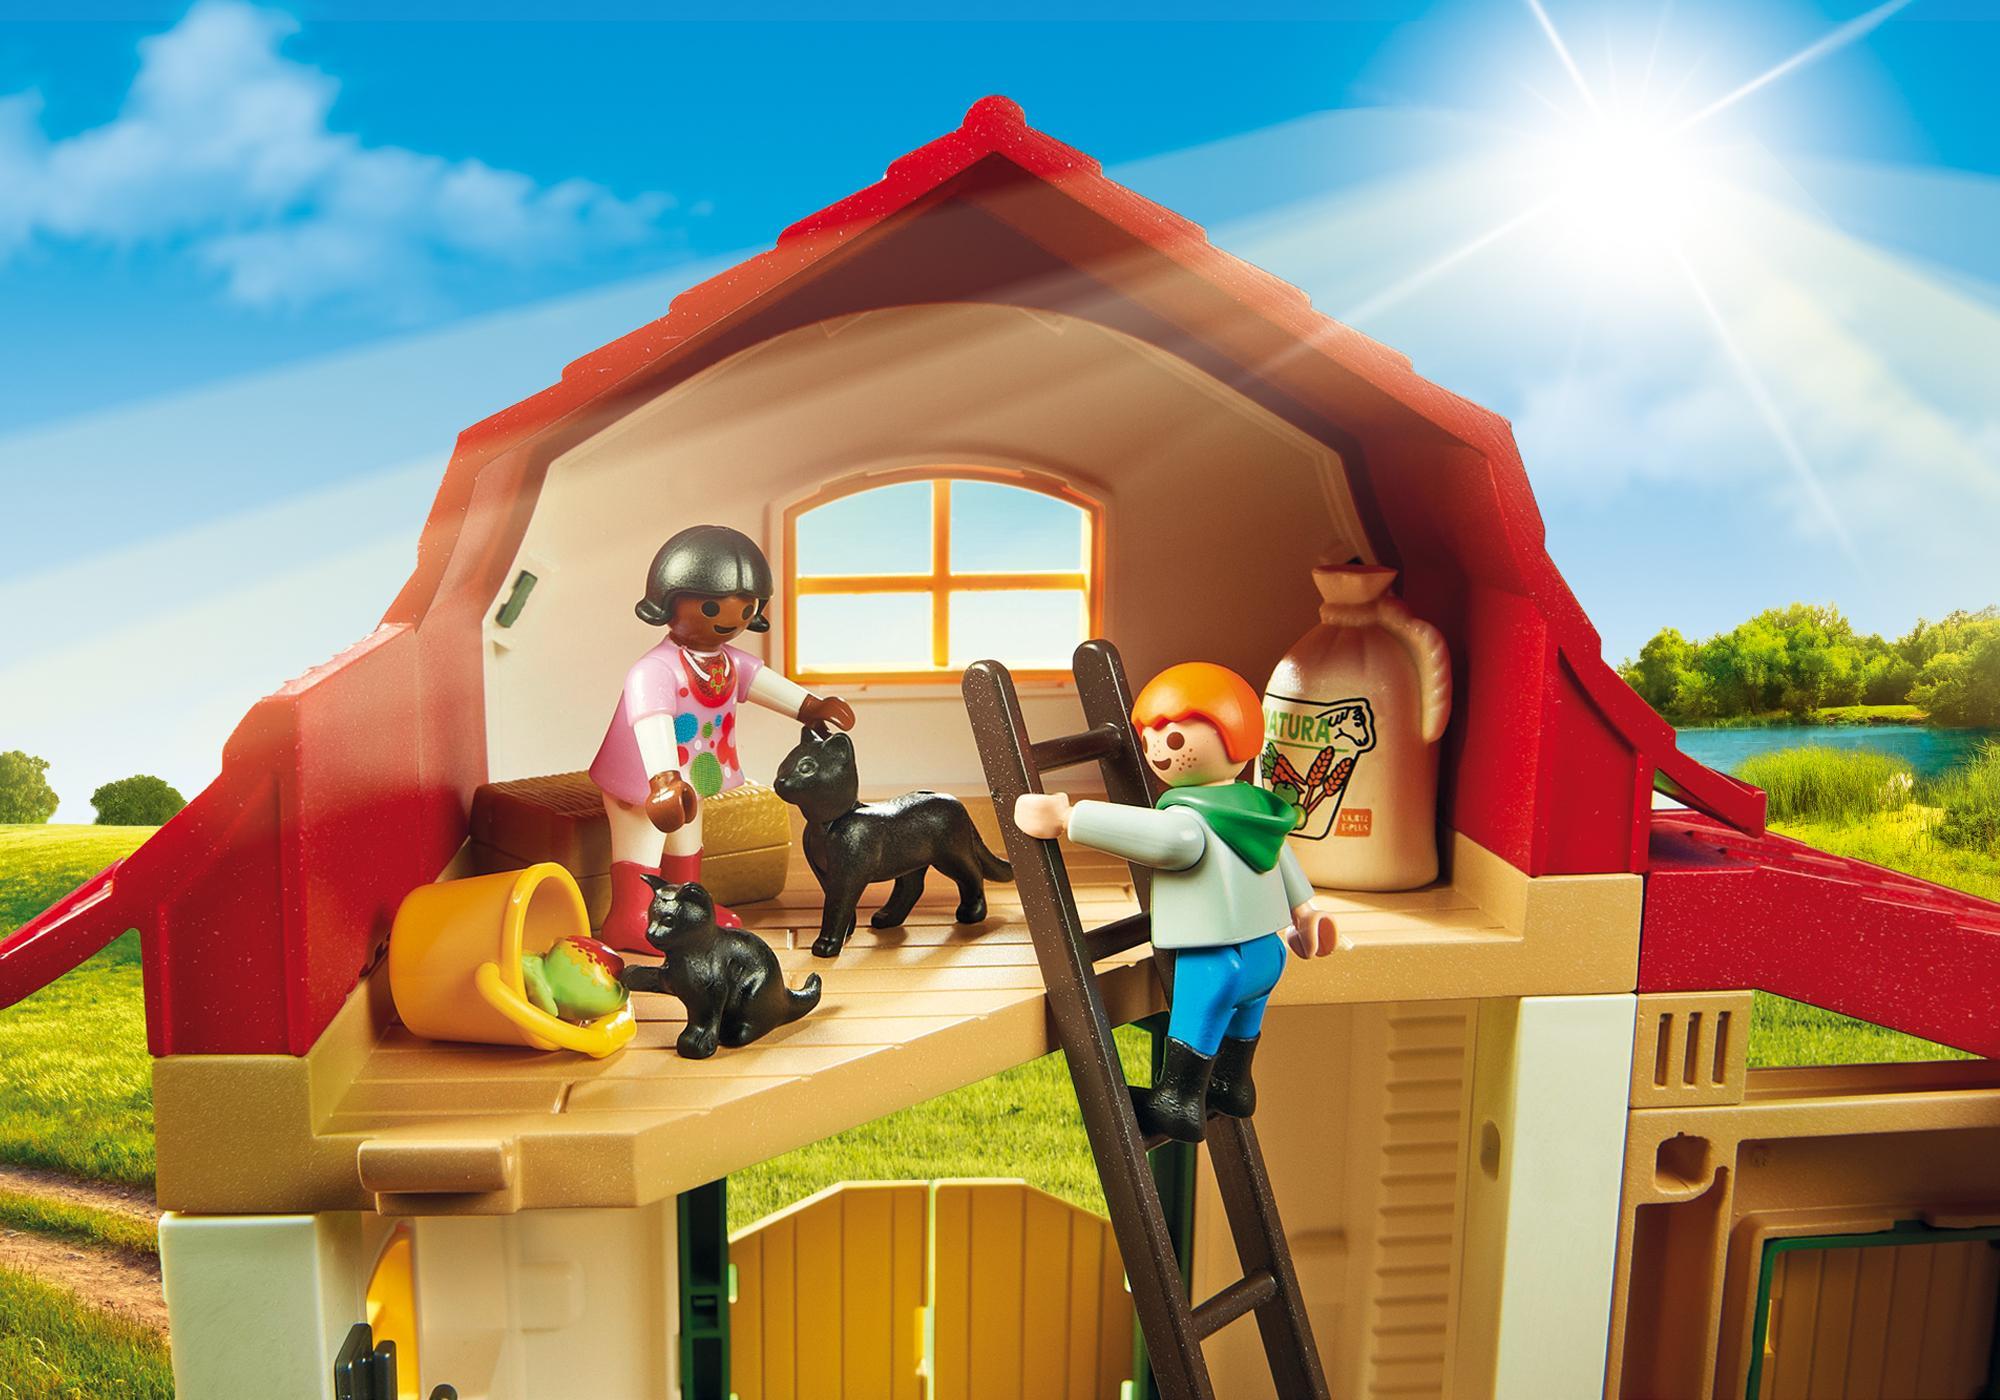 http://media.playmobil.com/i/playmobil/6927_product_extra1/Quinta dos Póneis